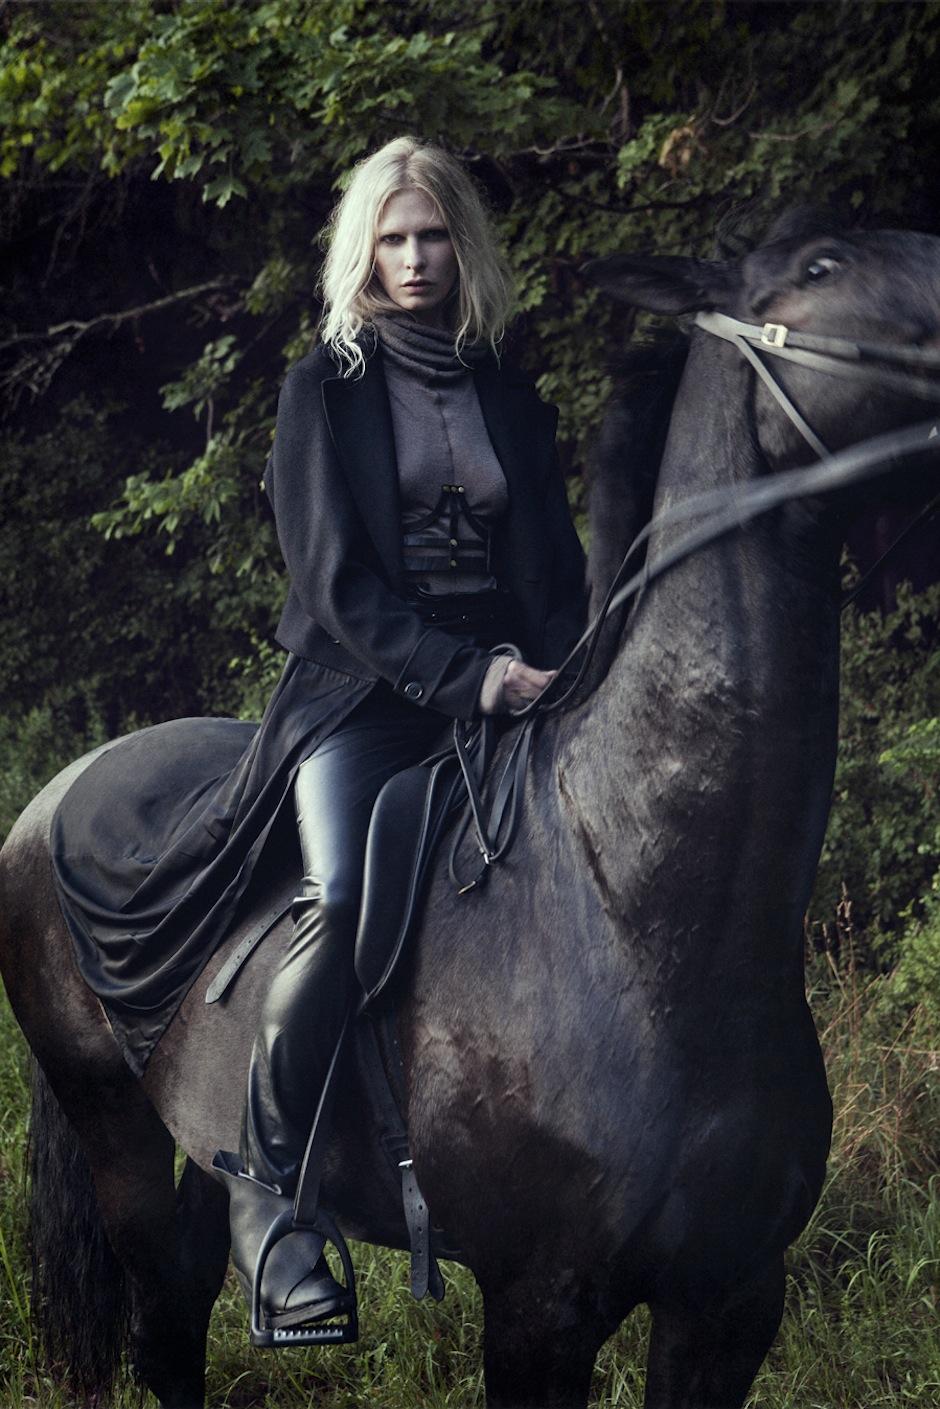 Christina Kruse by Jeff Elstone (Freyja - StyleZeitgeist #3 Fall 2012) 5.jpg